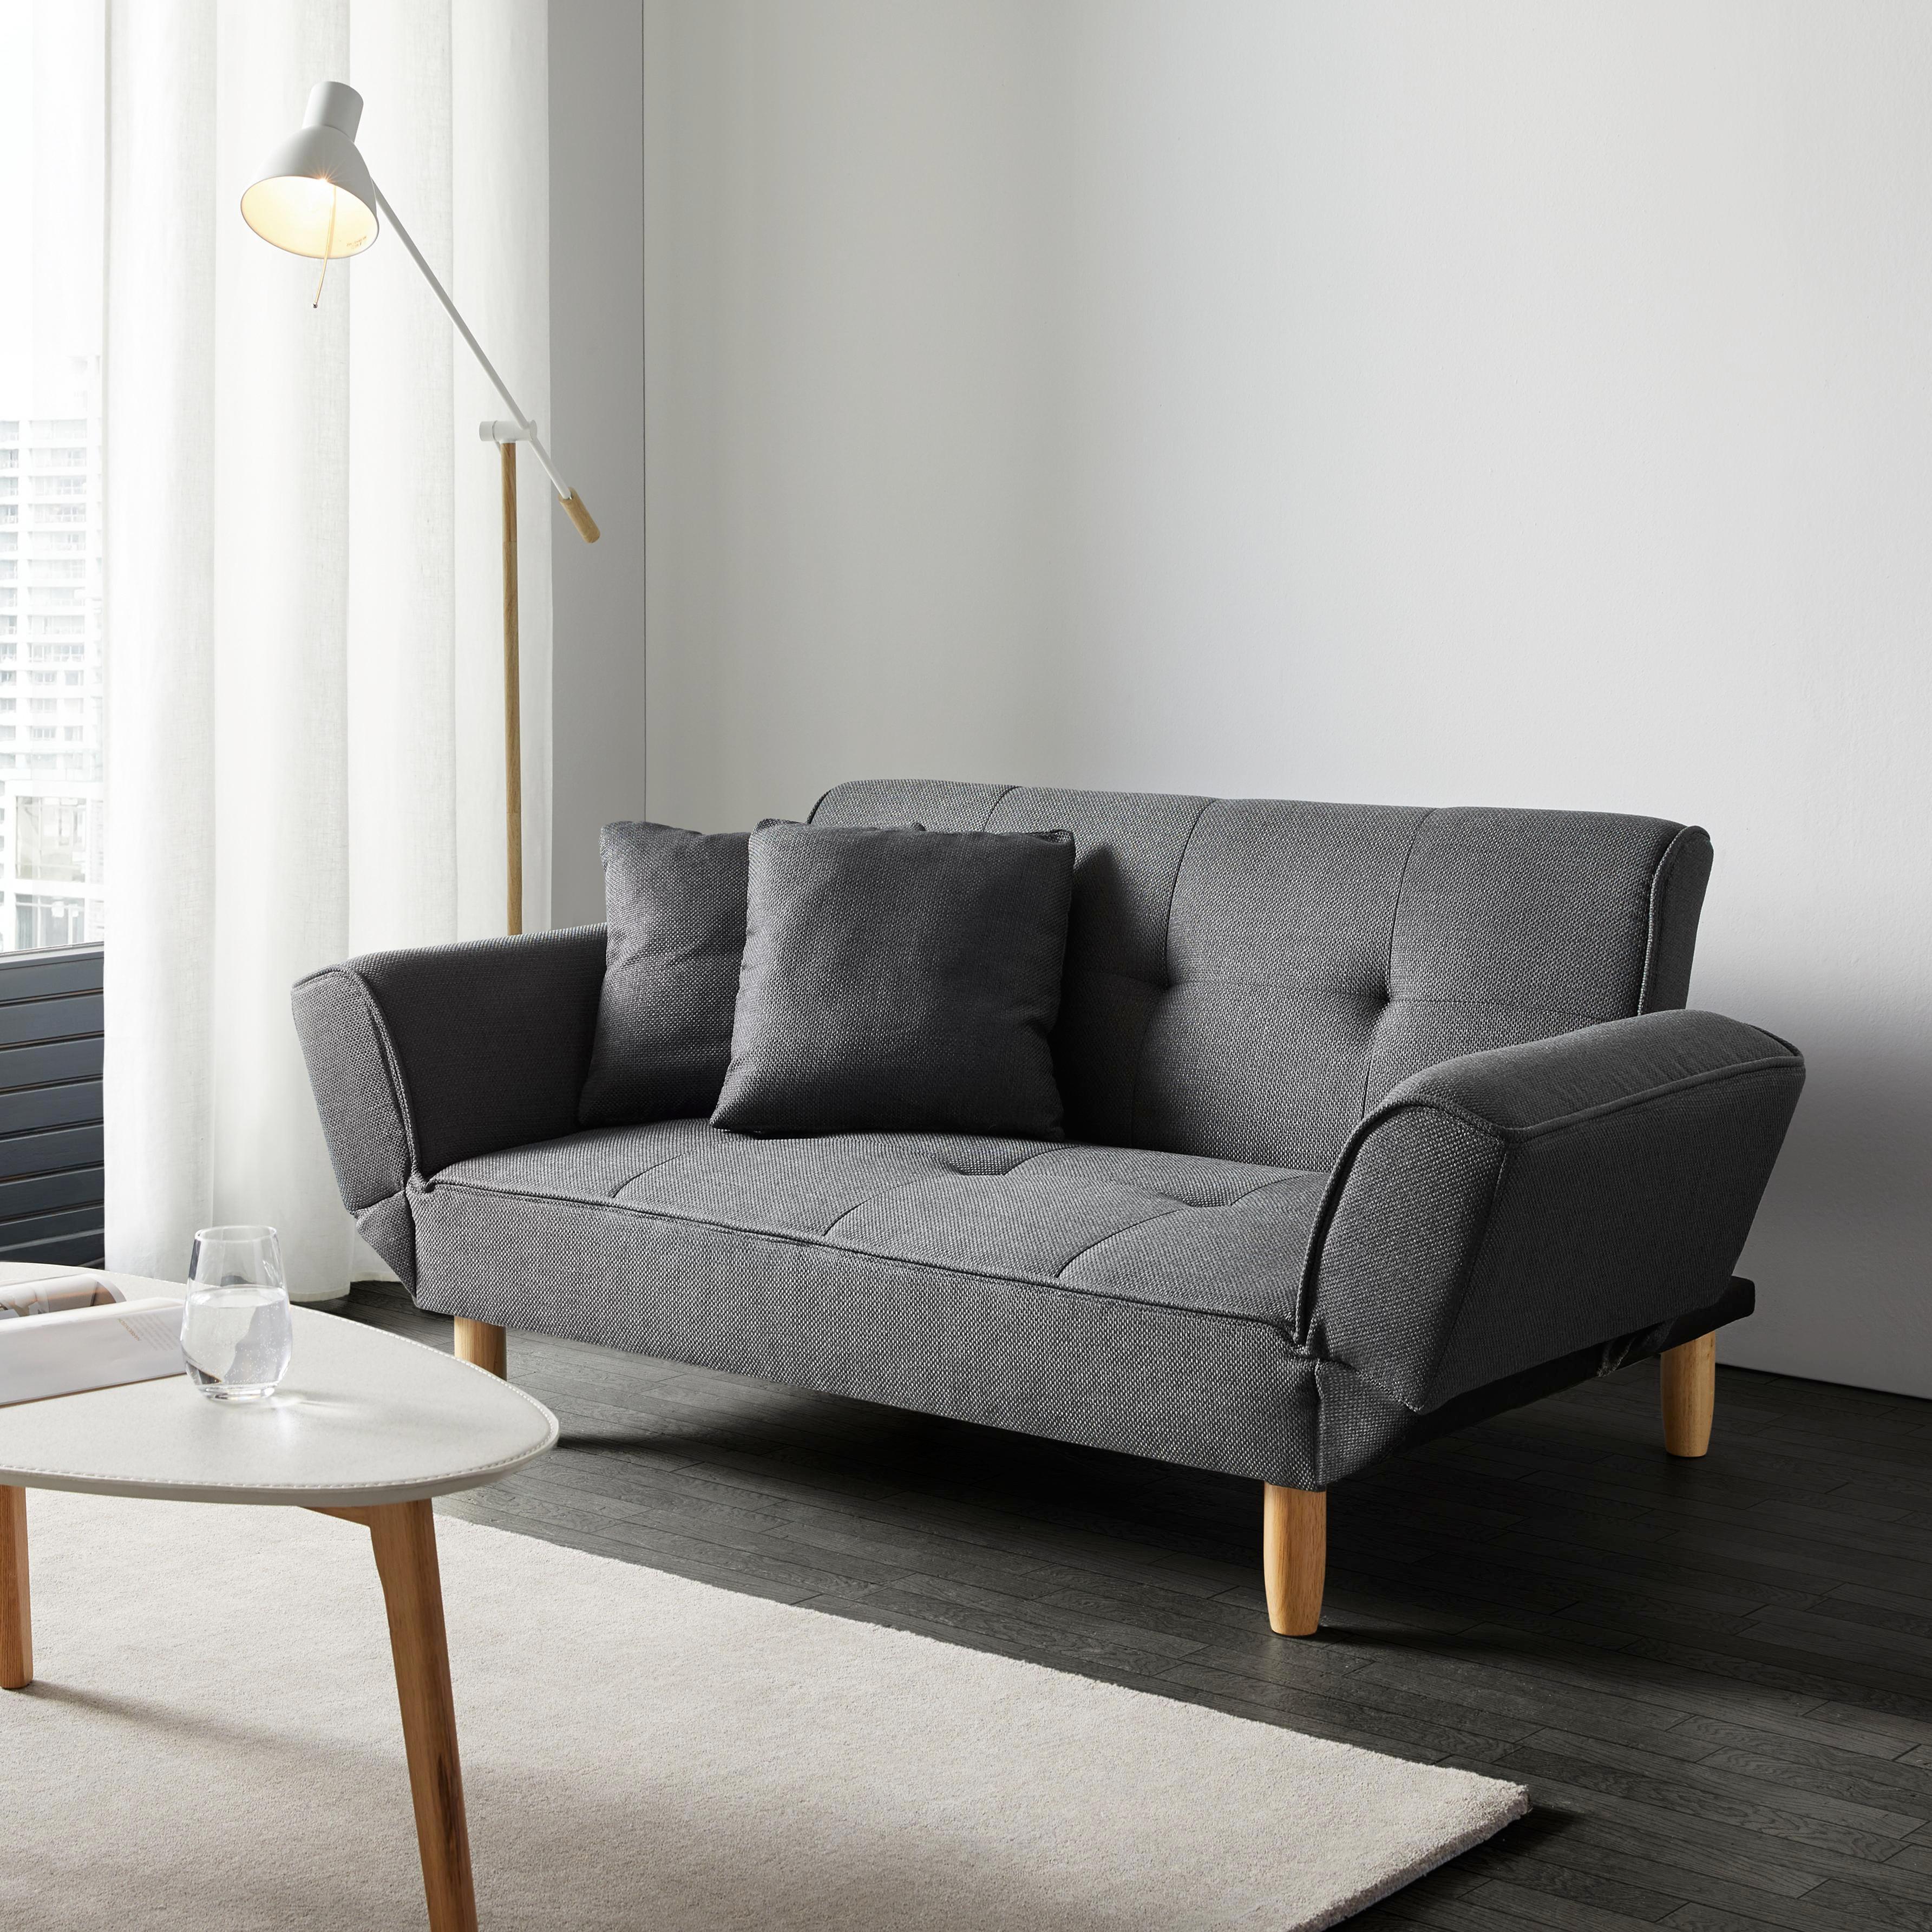 braunes sofa kombinieren medium size of dekoration dunkler boden farbe sofa mit kleines die. Black Bedroom Furniture Sets. Home Design Ideas